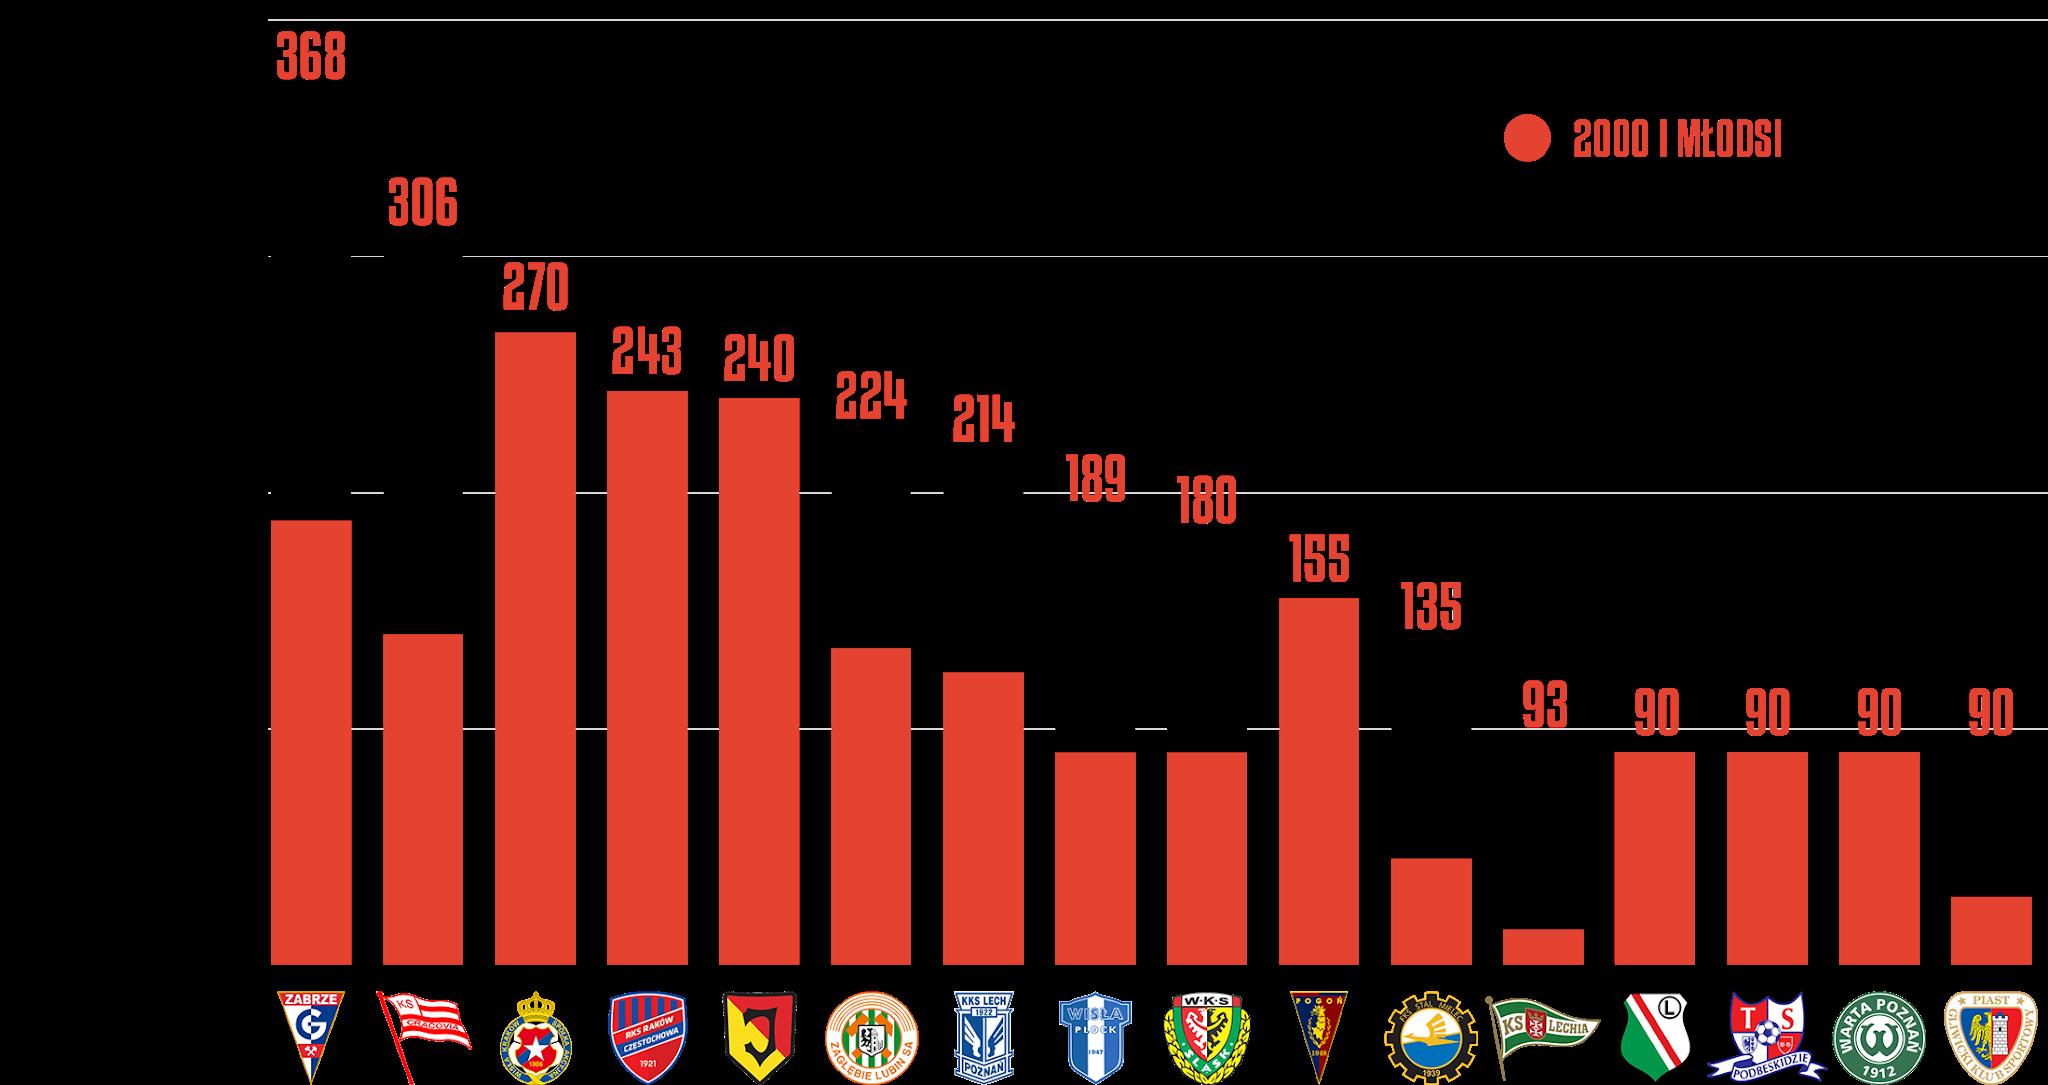 Klasyfikacja klubów pod względem rozegranego czasu przez młodzieżowców w30.kolejce PKO Ekstraklasy<br><br>Źródło: Opracowanie własne na podstawie ekstrastats.pl<br><br>graf. Bartosz Urban